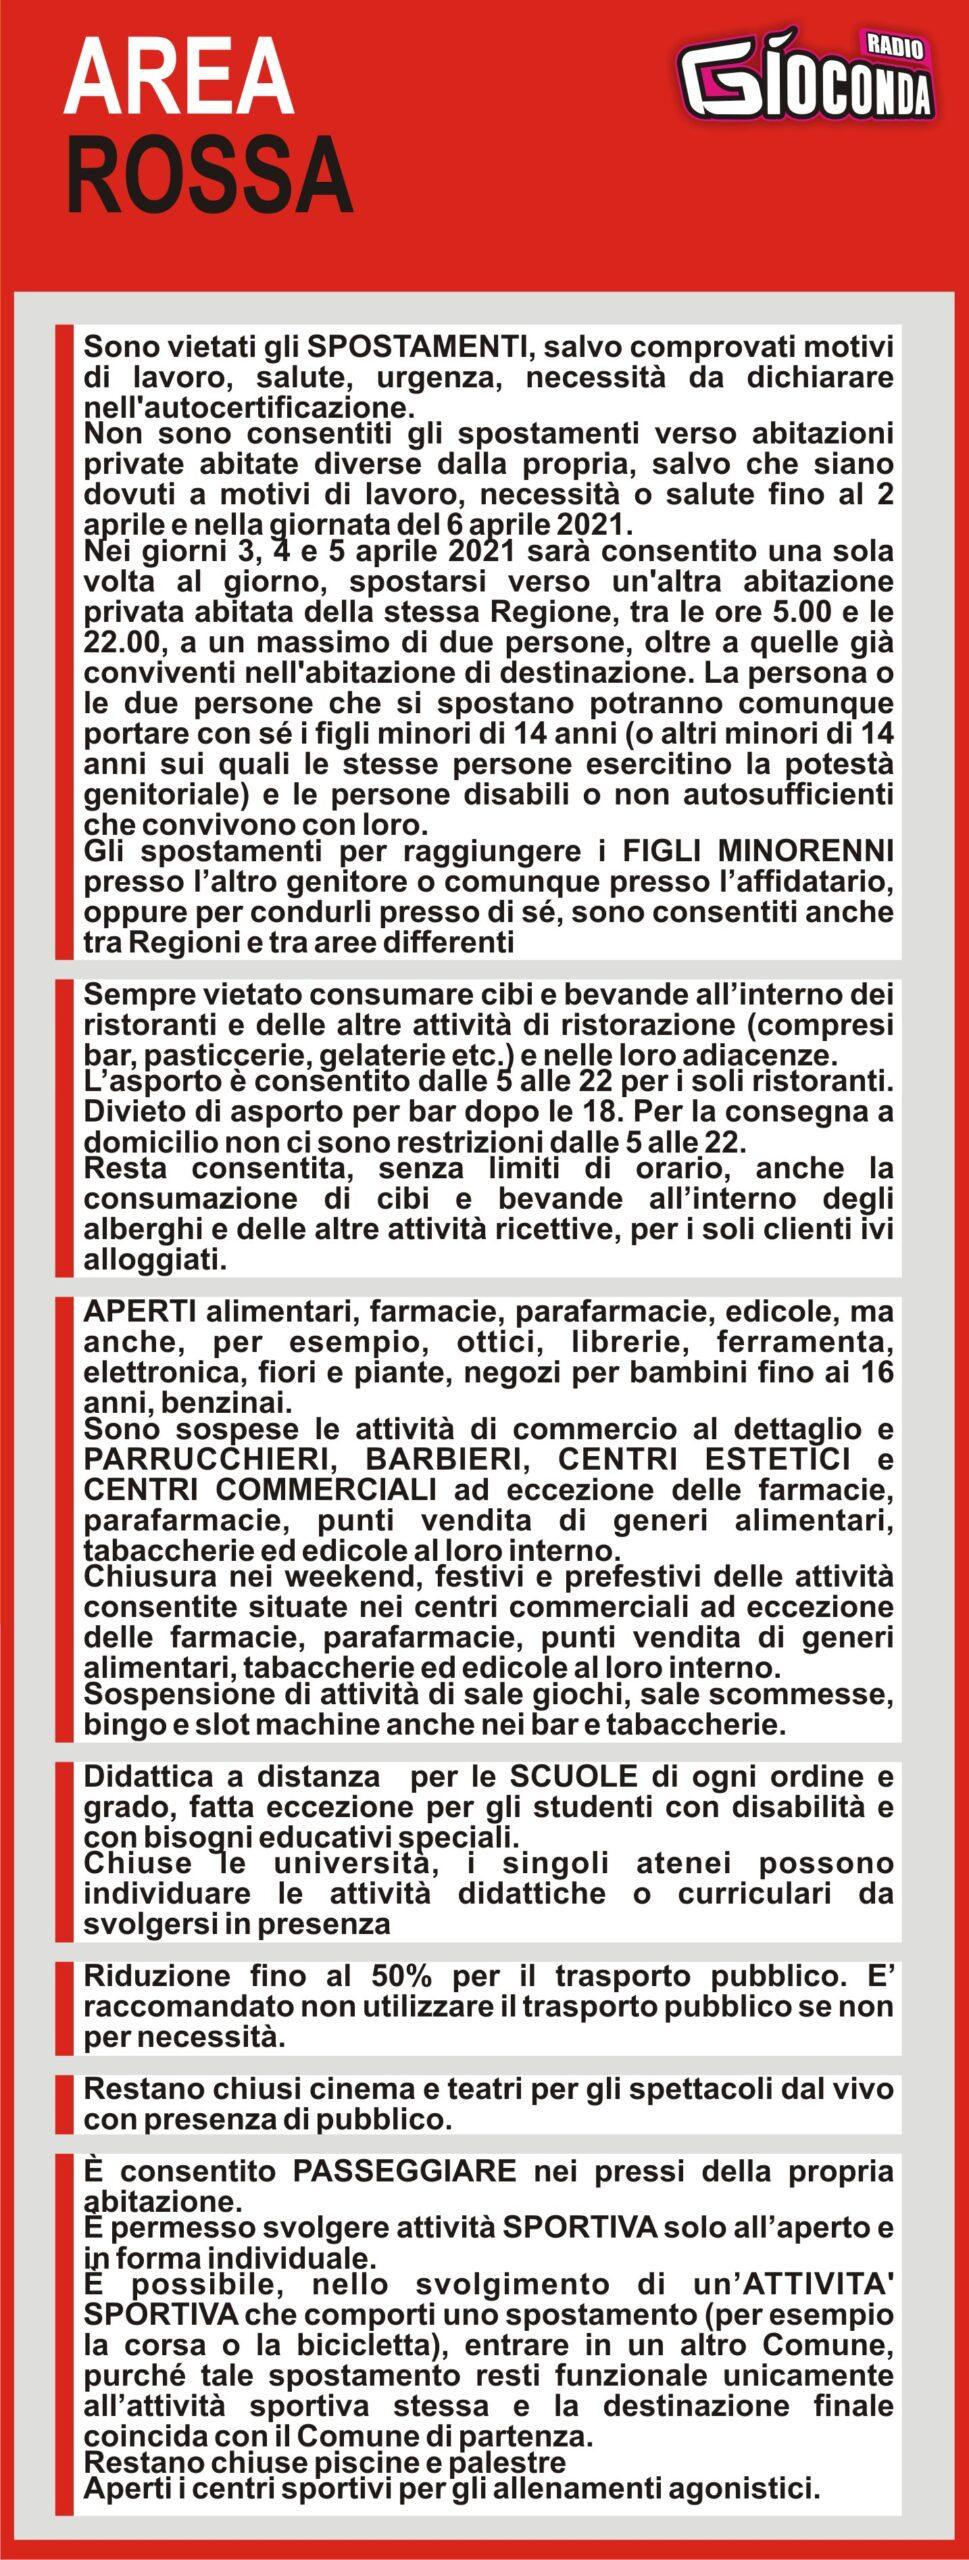 Il Friuli Venezia Giulia è AREA ROSSA